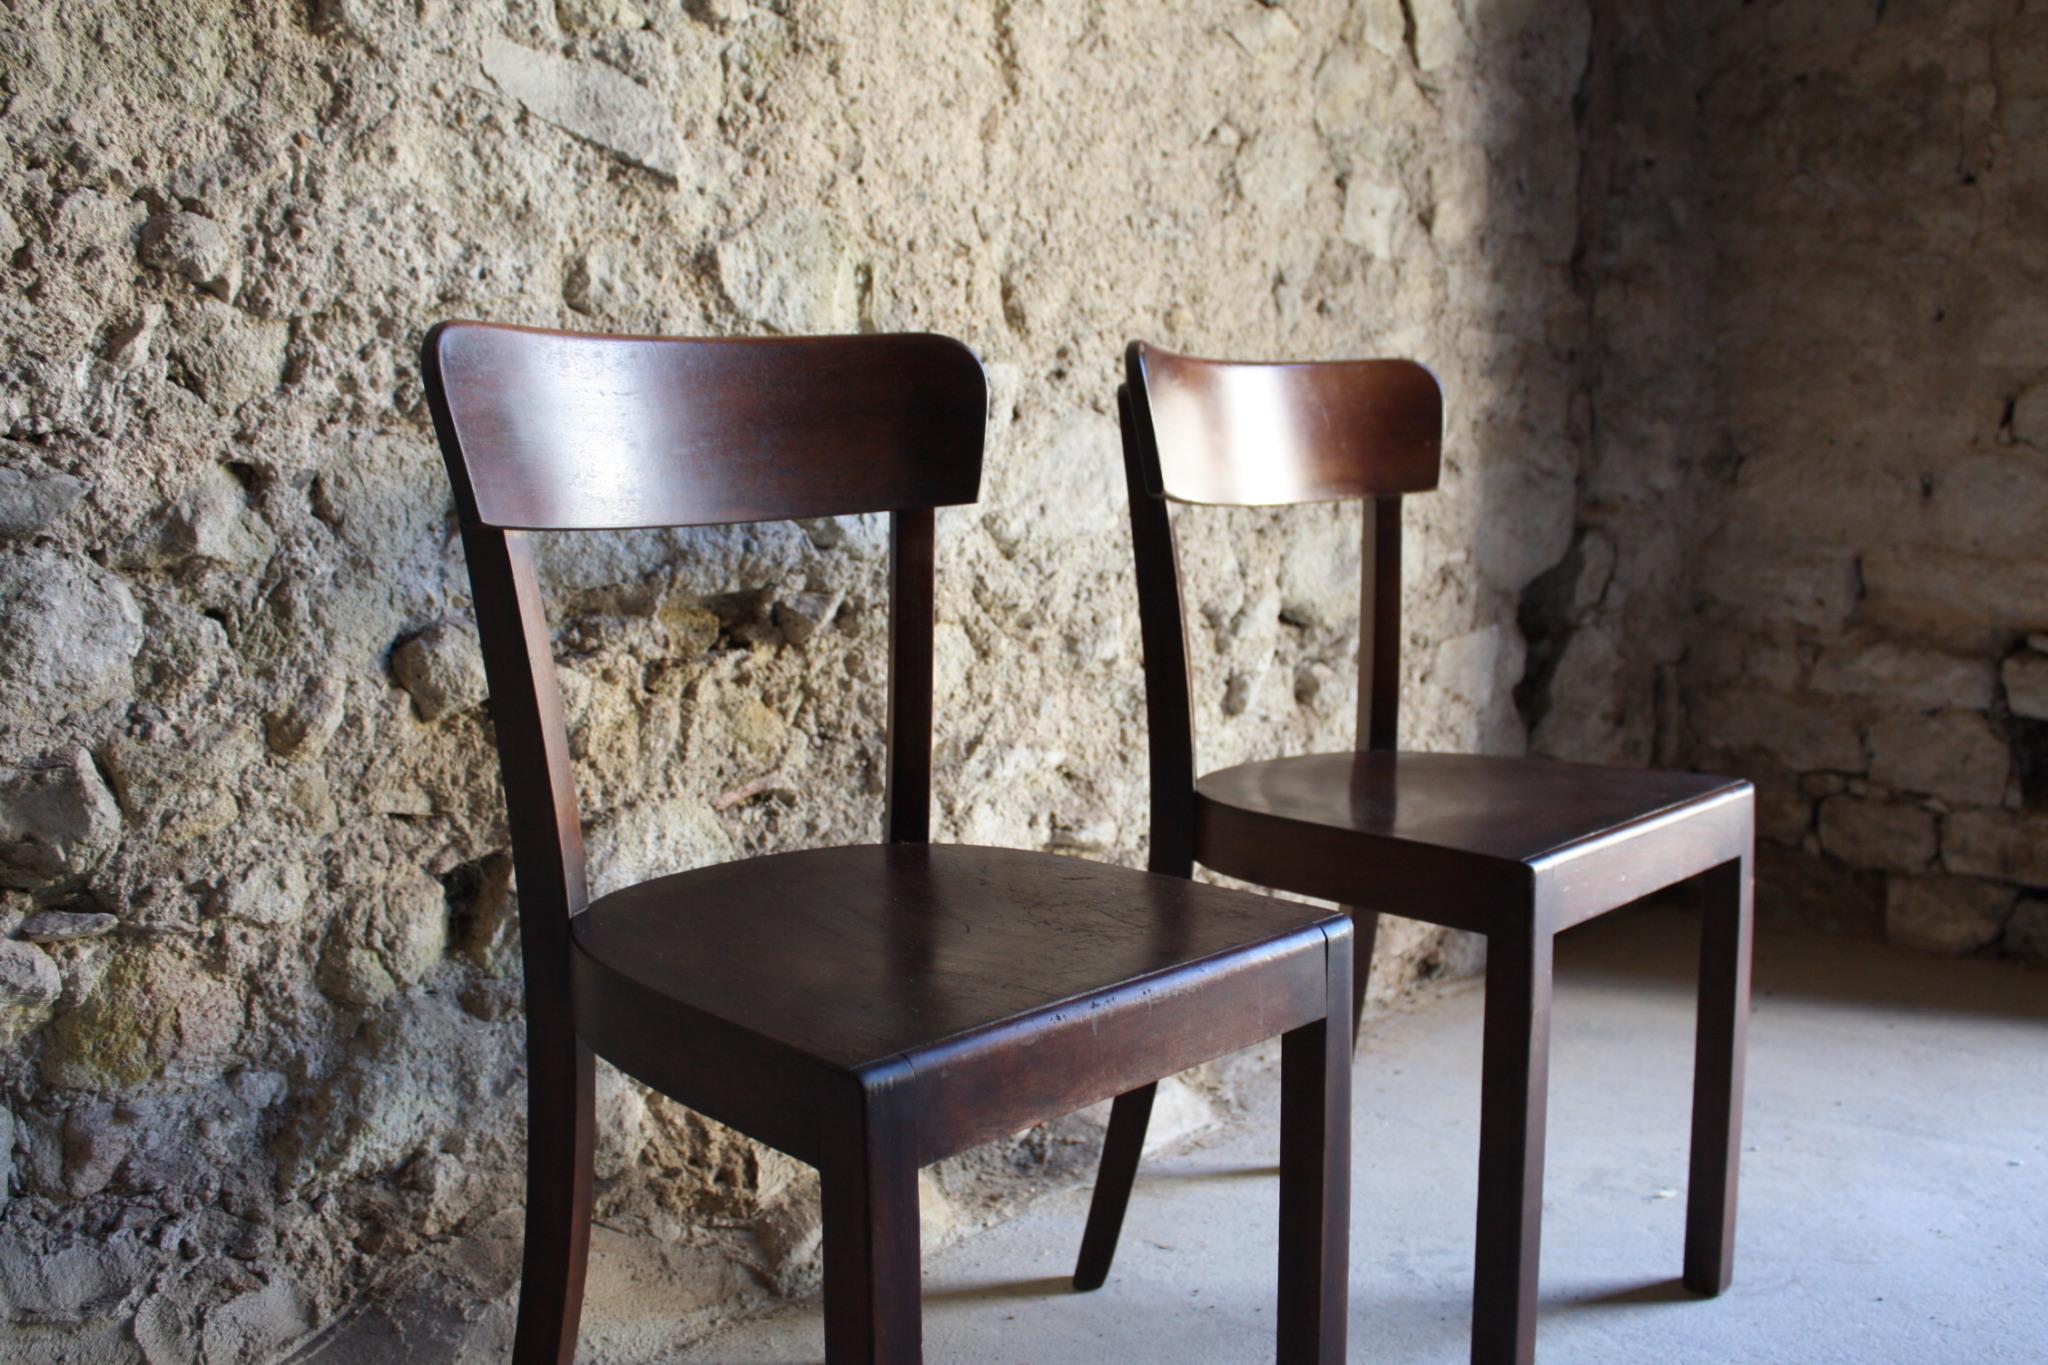 frankfurter stuhl aus festsaal mid century modern 1 v 50 design ikonen. Black Bedroom Furniture Sets. Home Design Ideas